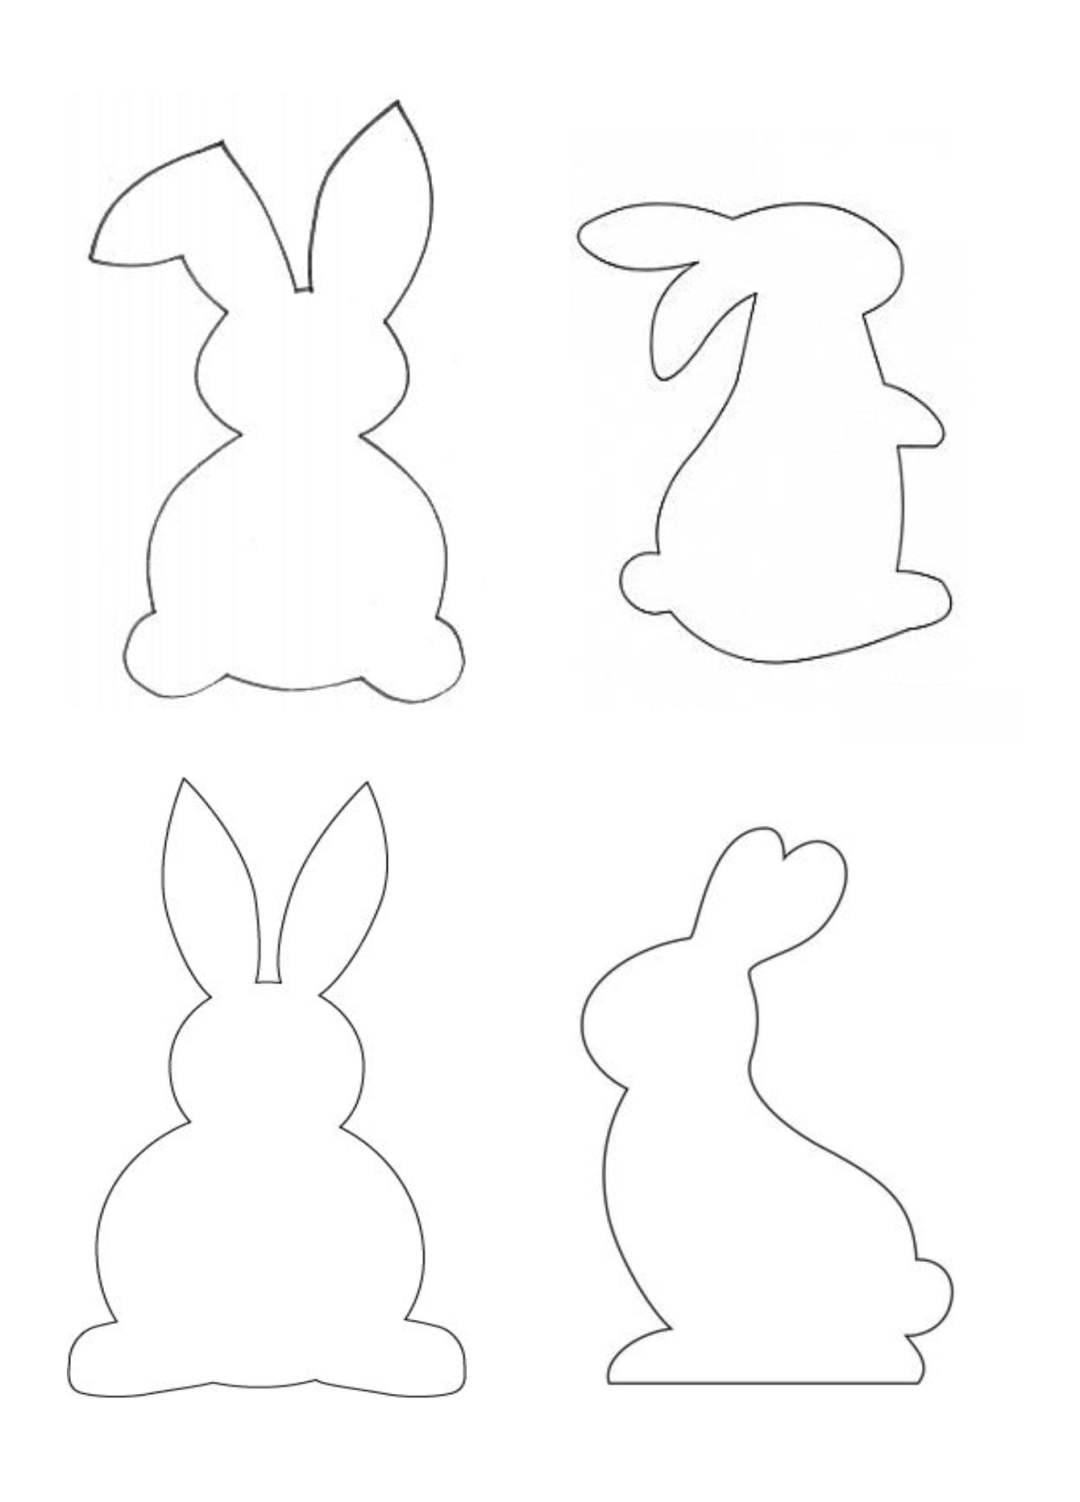 Wielkanocny zajączek w kolorowe paski Alicja Mazur Prace plastyczne Prace plastyczne (Wielkanoc) Wielkanoc Wielkanoc (Prace plastyczne)